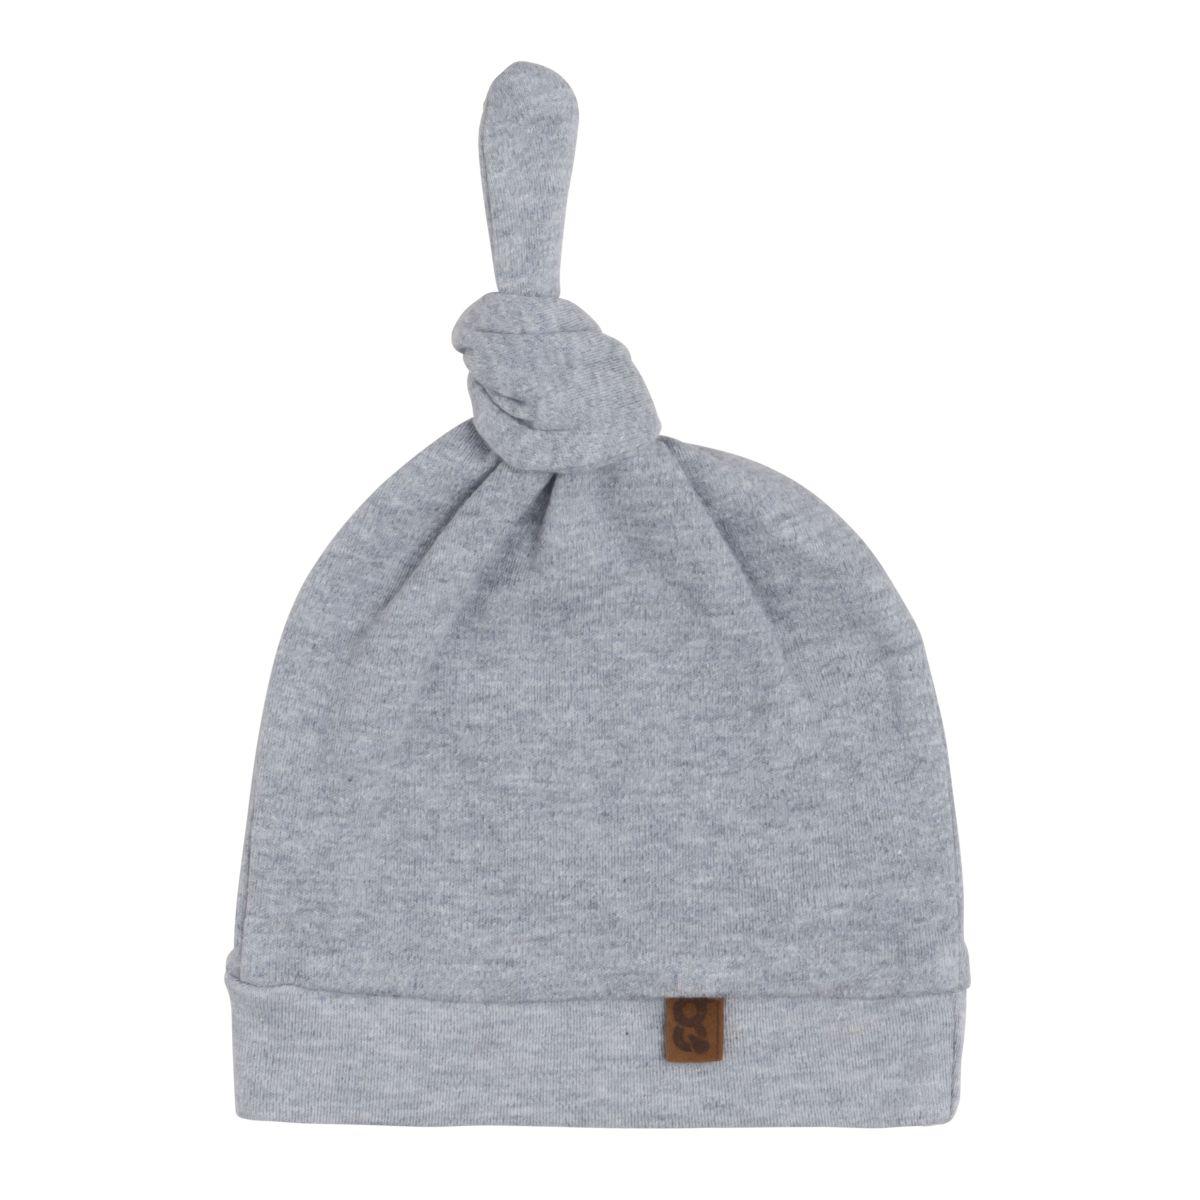 knotted hat melange grey 36 months